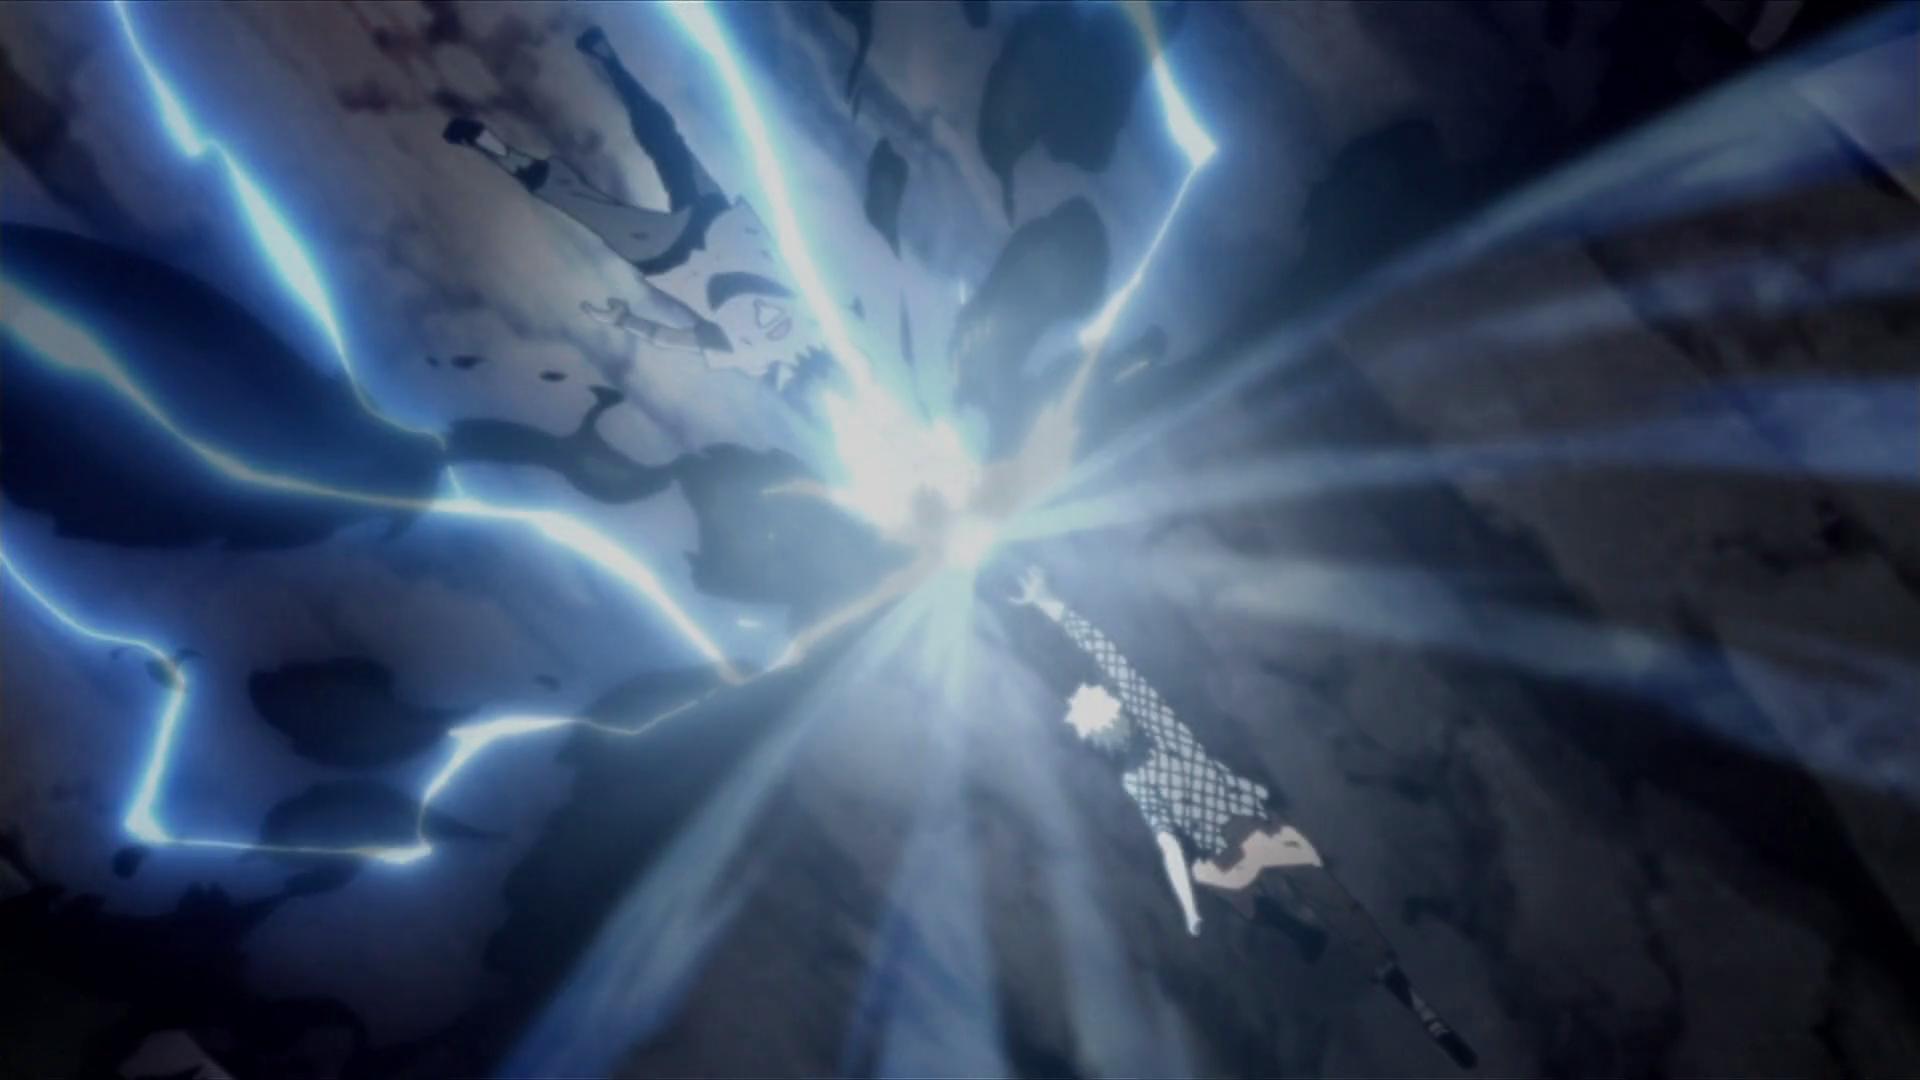 Naruto Uzumaki Vs Sasuke Uchiha Naruto and Sasuke | Na...